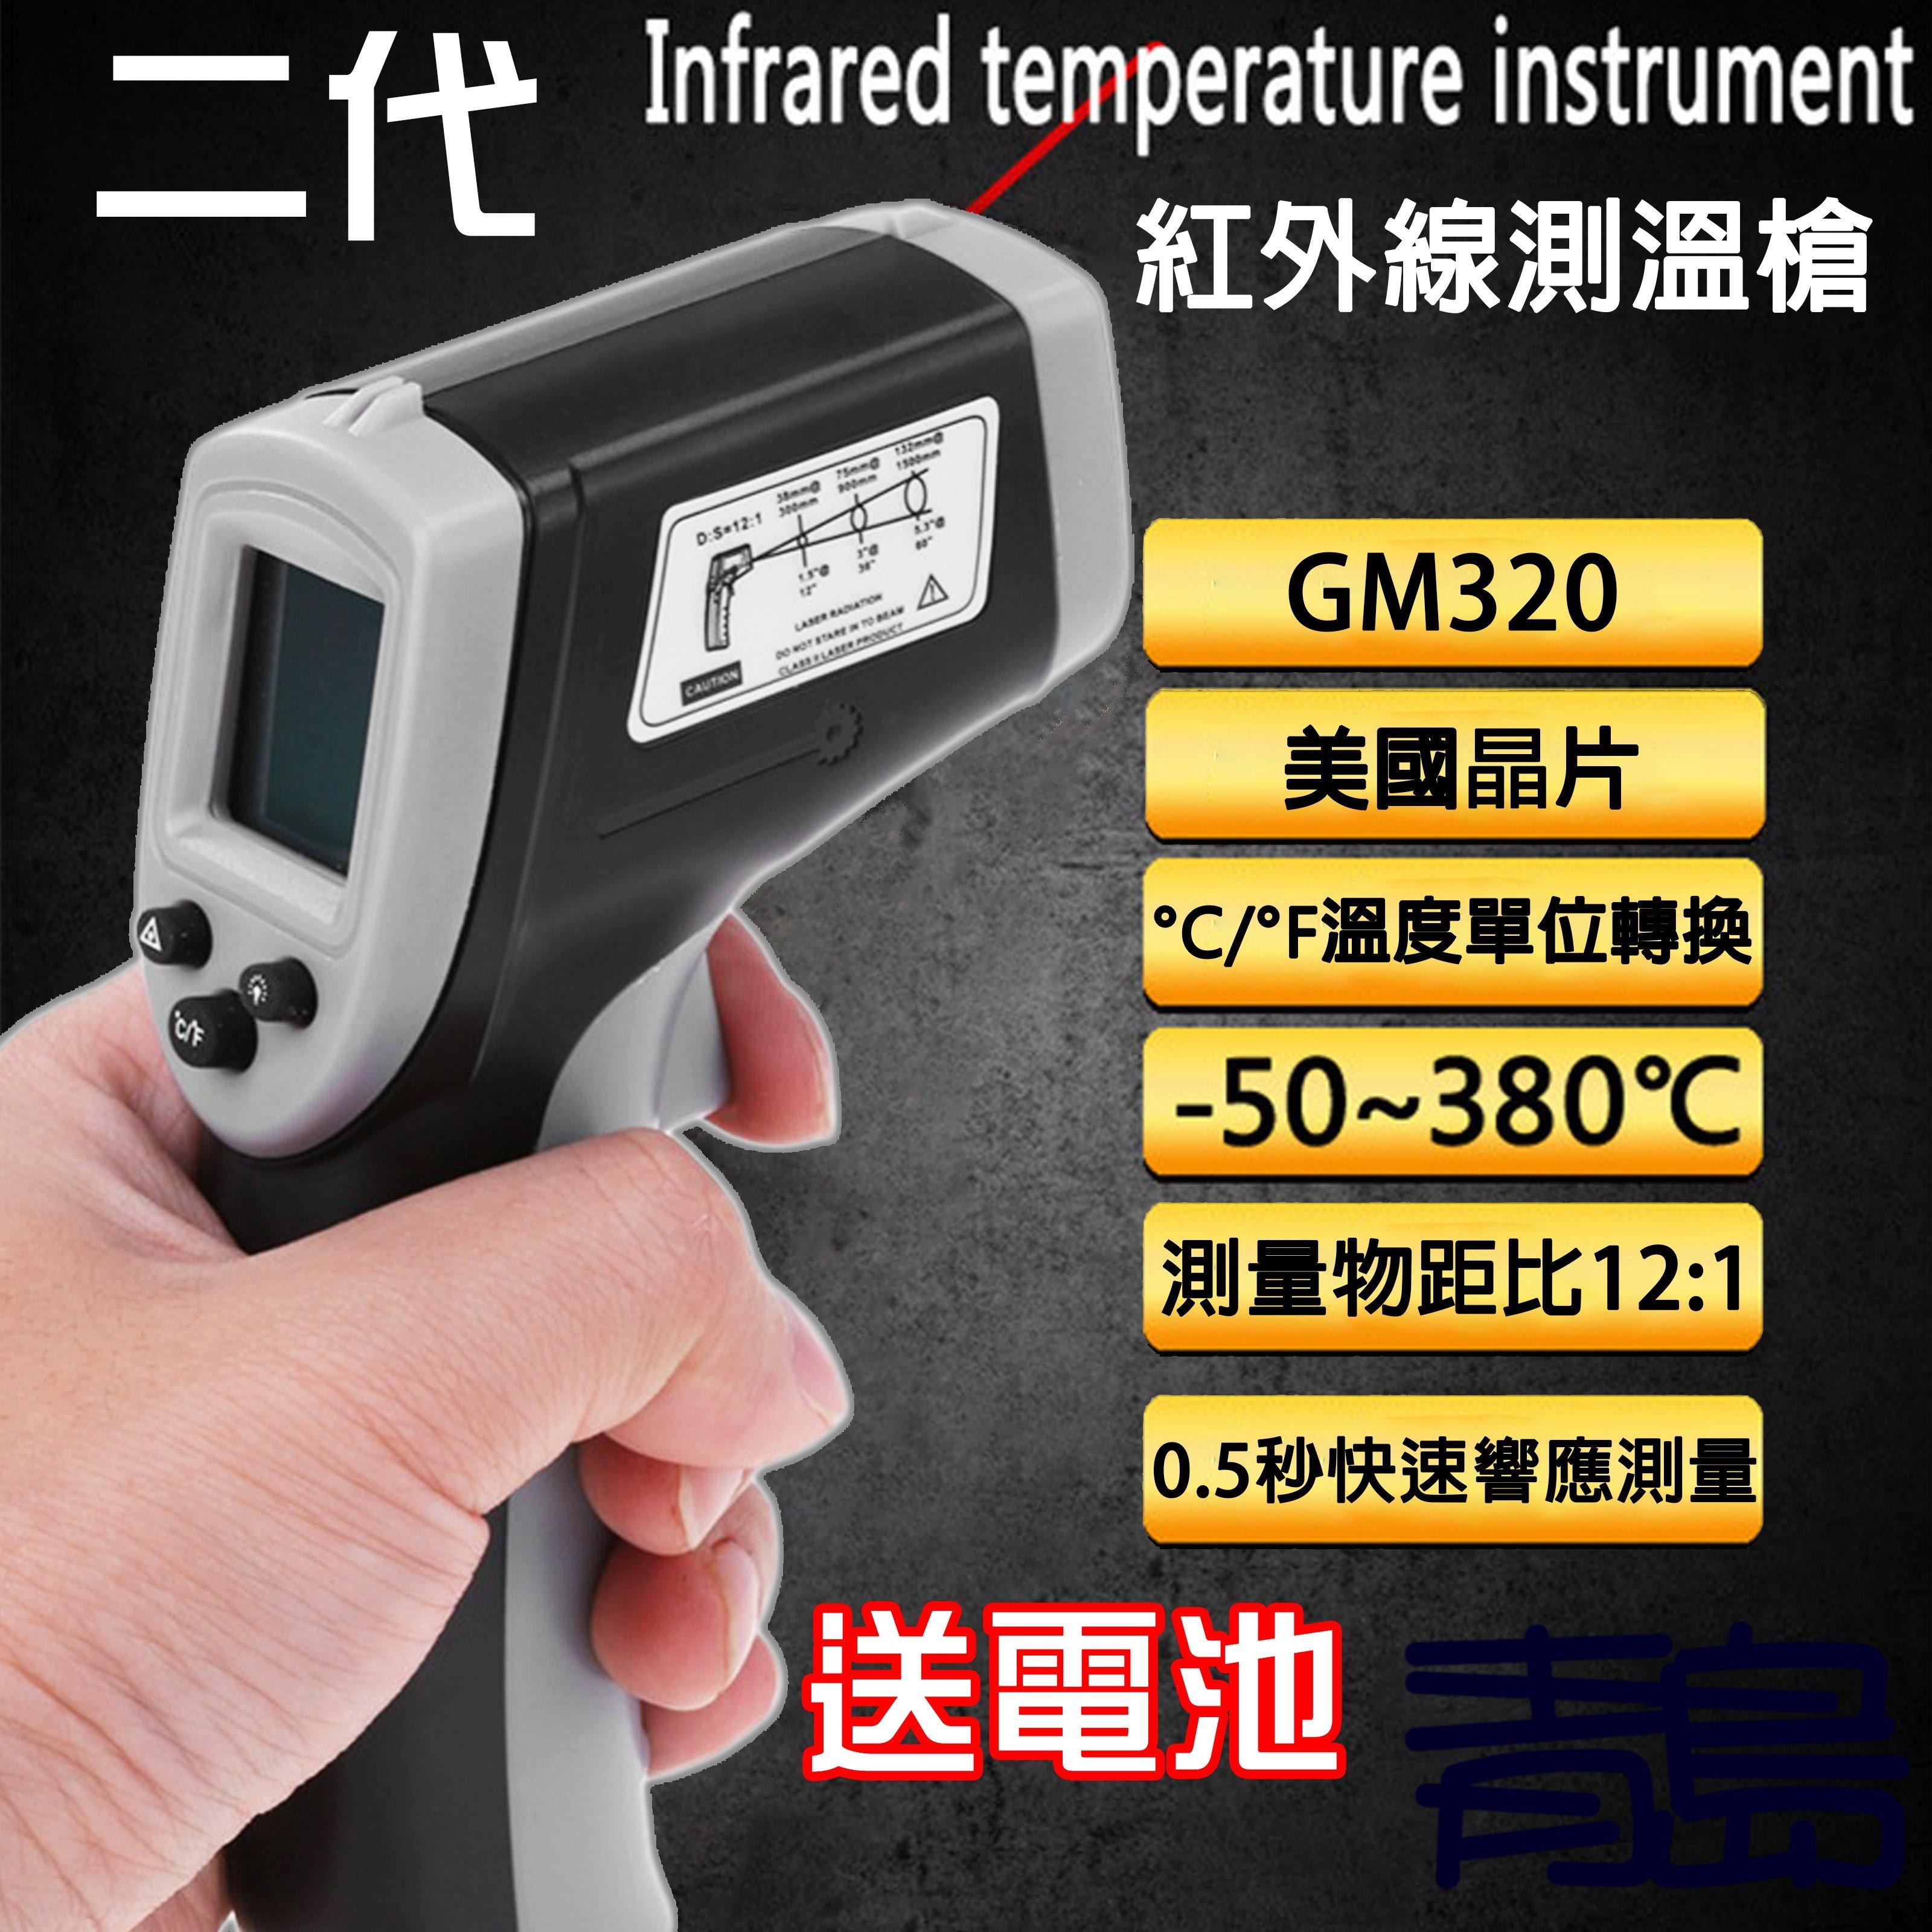 Y。。。青島水族。。。GM320希瑪  紅外線測溫槍 測溫儀 雷射 爬蟲兩棲 陸龜水龜 守宮蜥蜴 -50~380℃